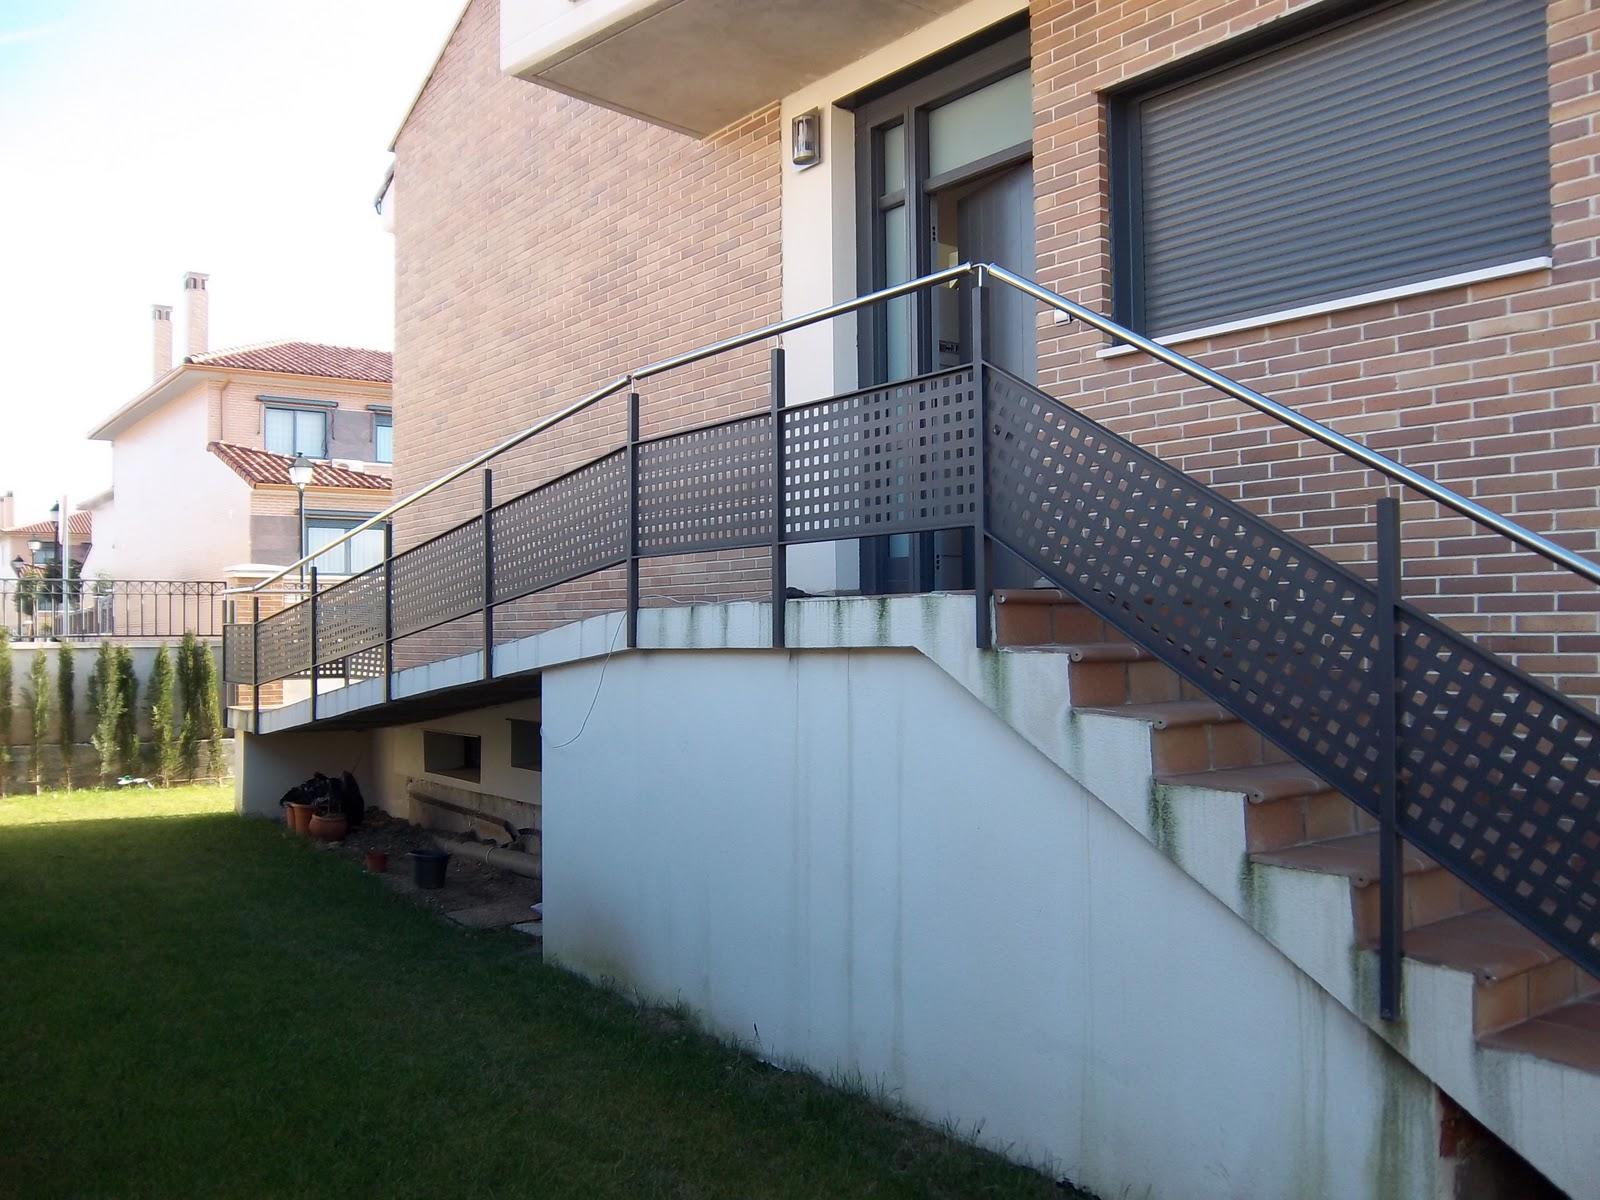 Barandillas acero inoxidable exterior escalera con for Barandilla escalera exterior